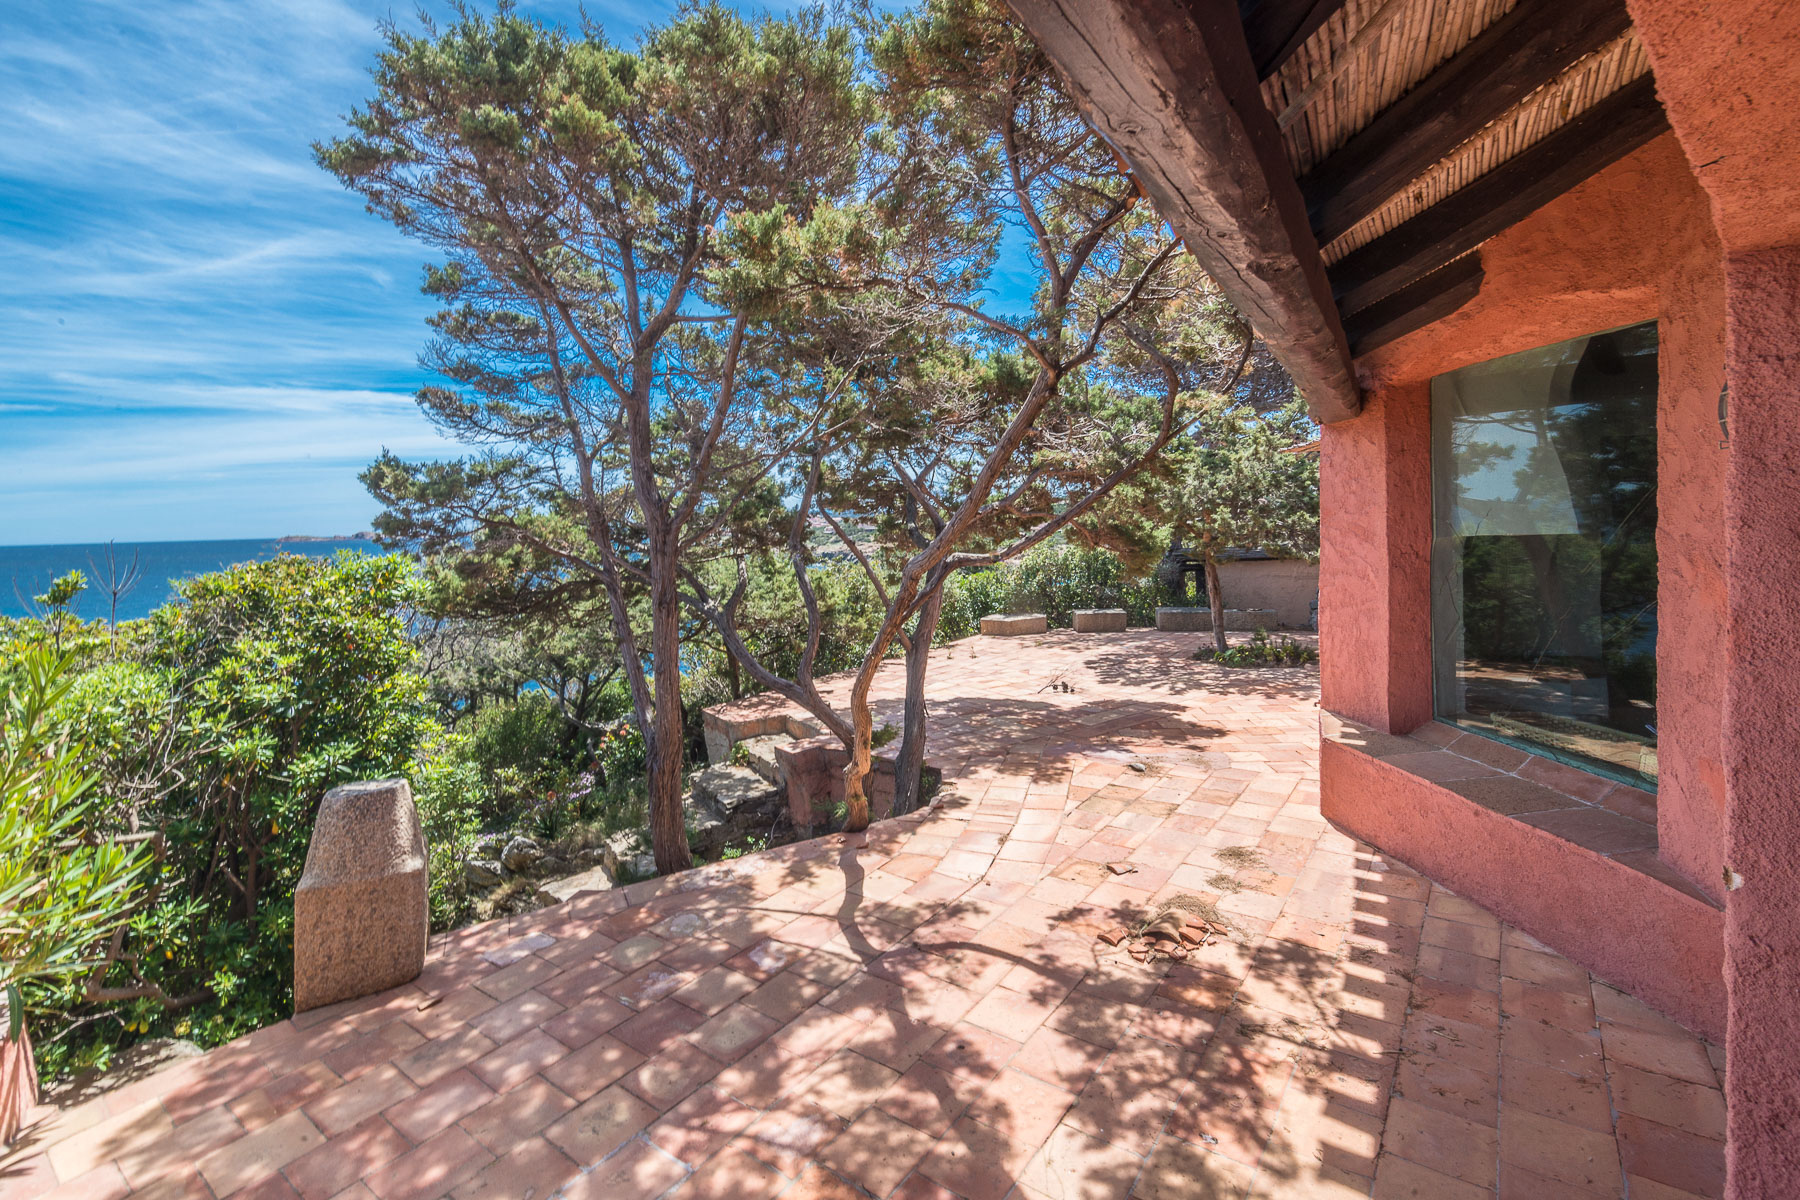 Appartamento in Vendita a Arzachena: 5 locali, 164 mq - Foto 12